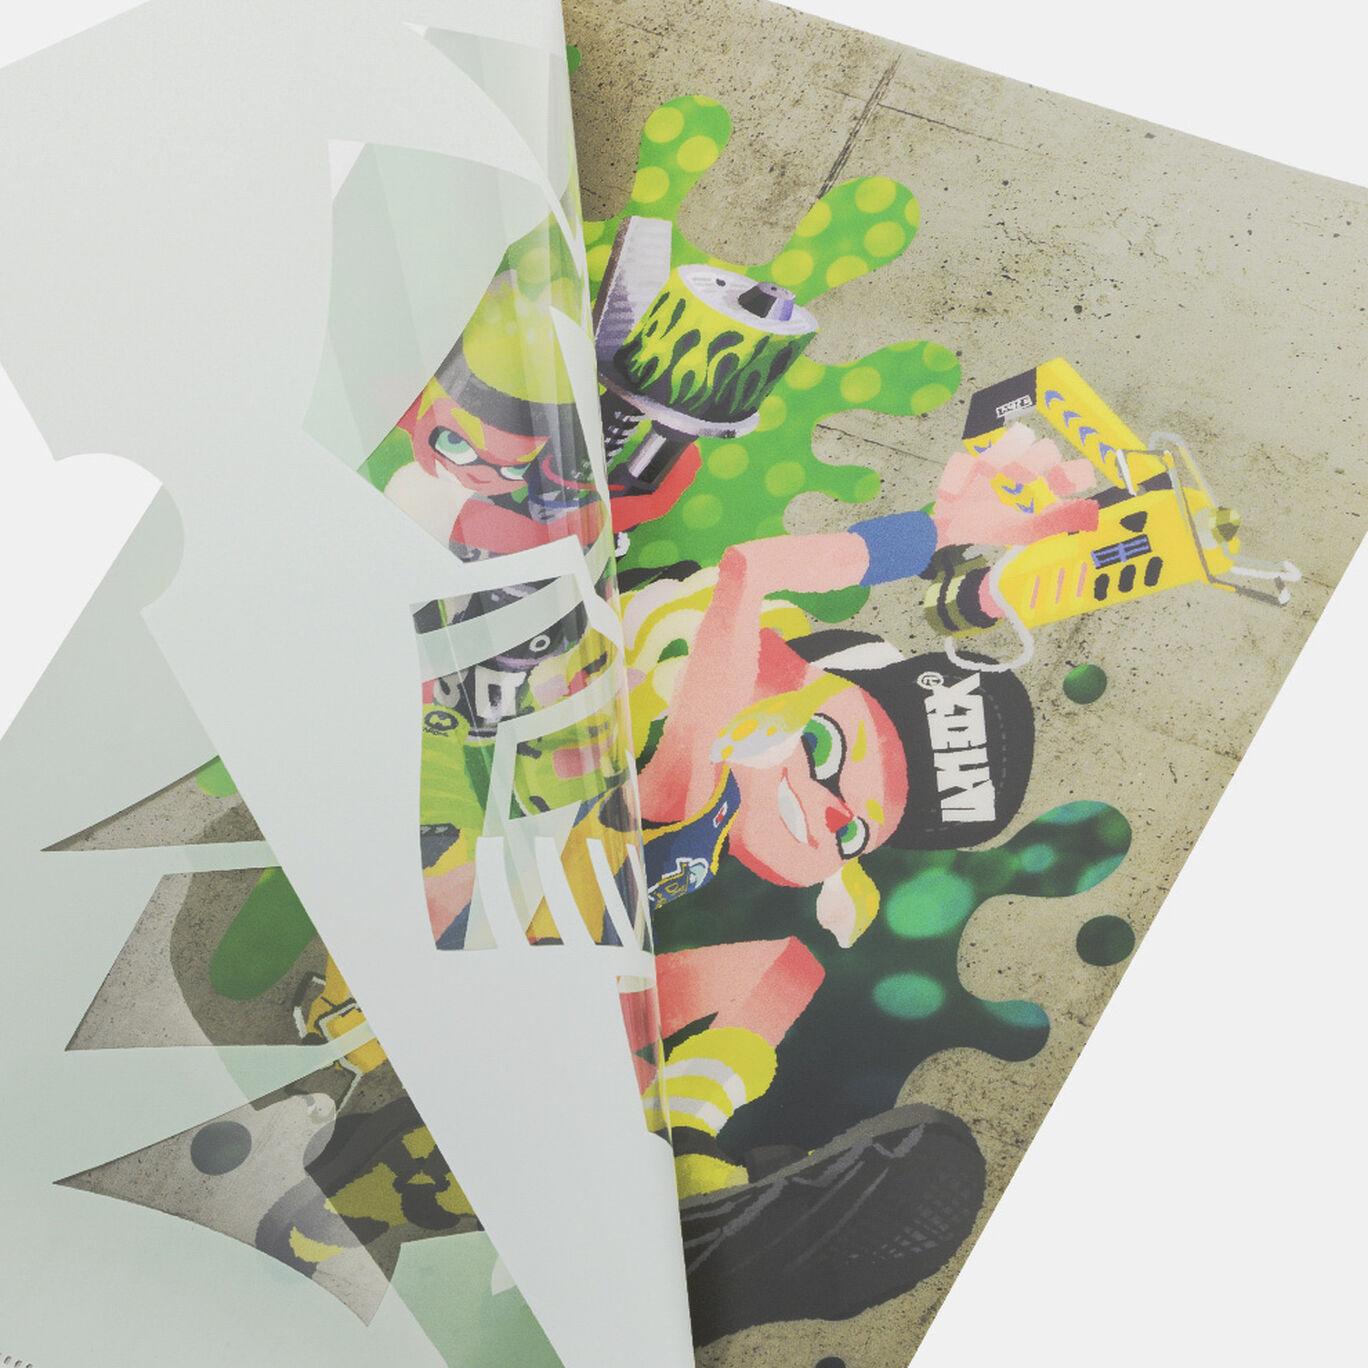 クリアファイルセット SQUID or OCTO Splatoon【Nintendo TOKYO取り扱い商品】